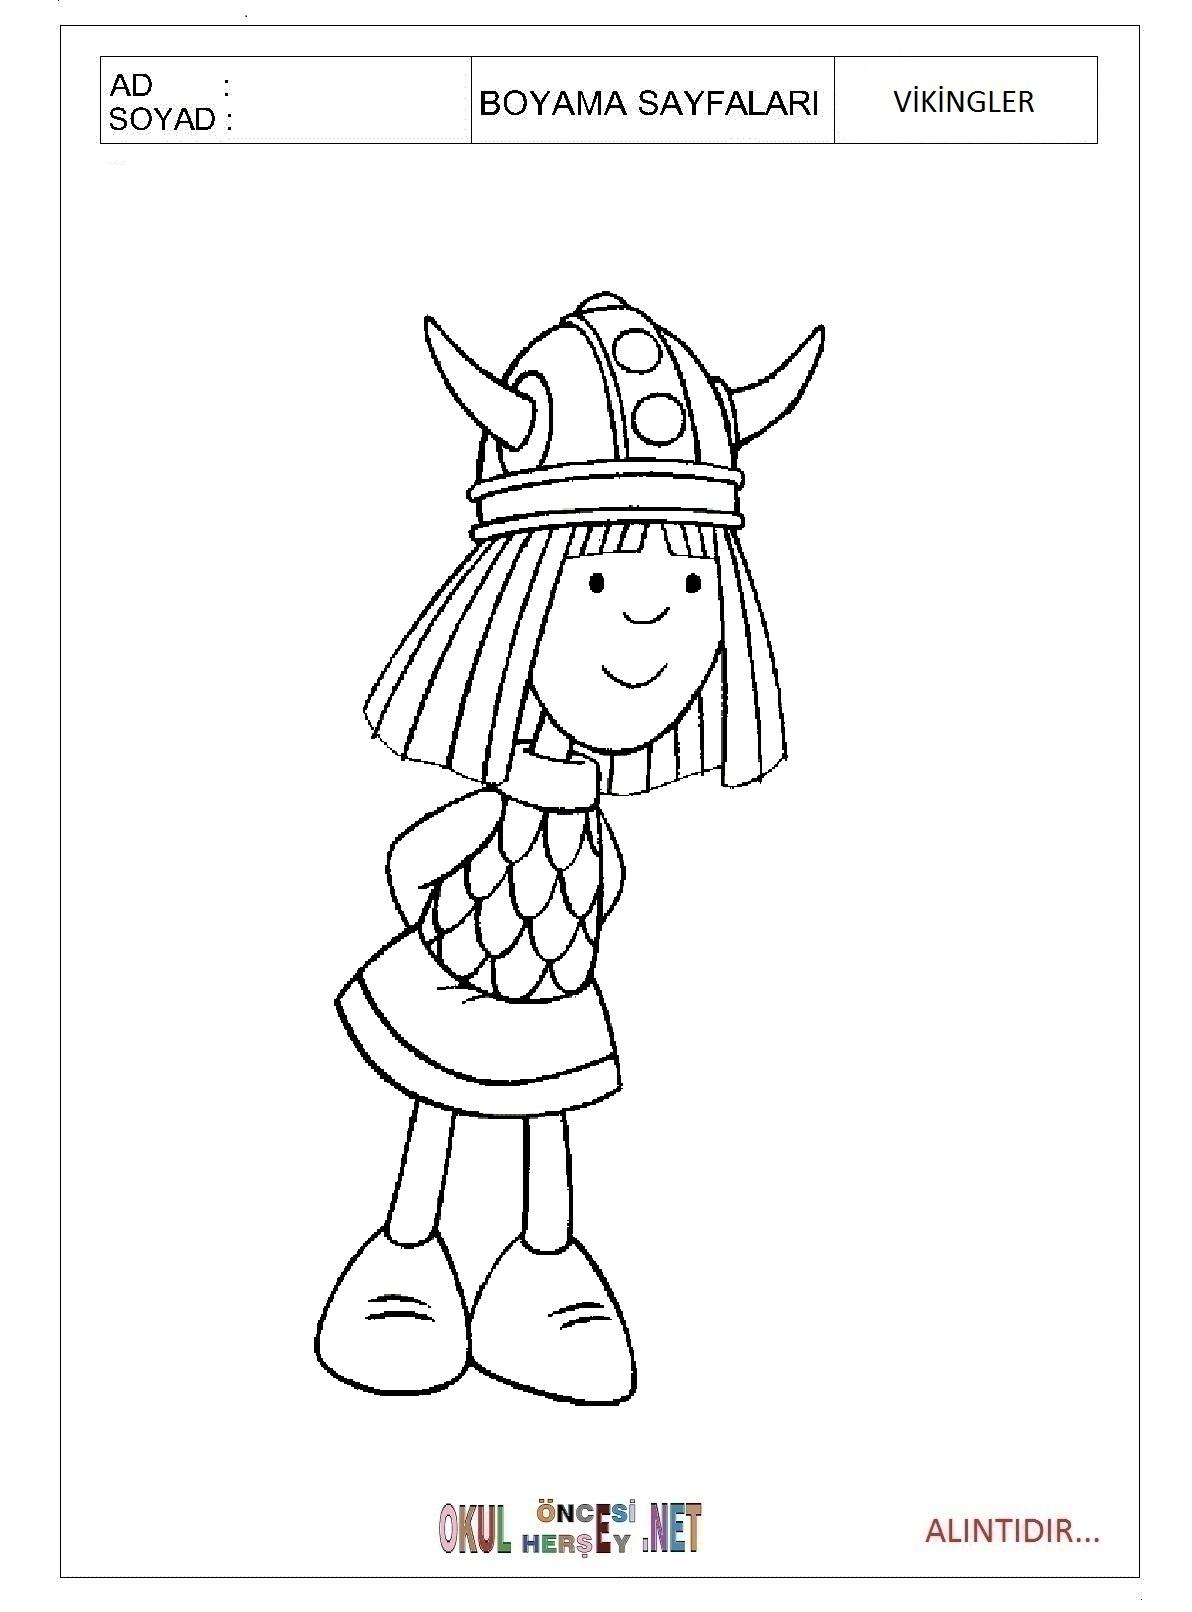 Vikingler Boyama Sayfalari